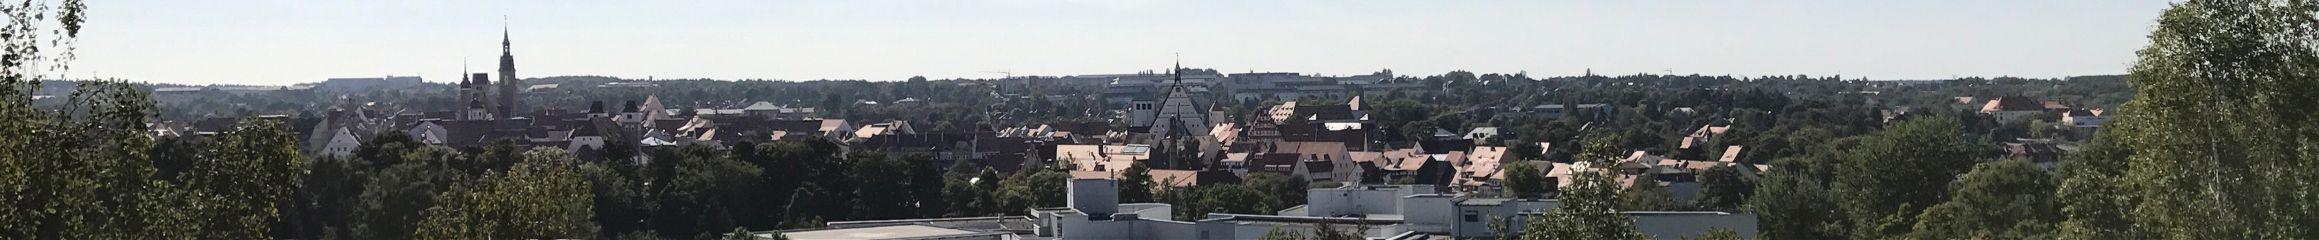 panorama freiberg myhometown